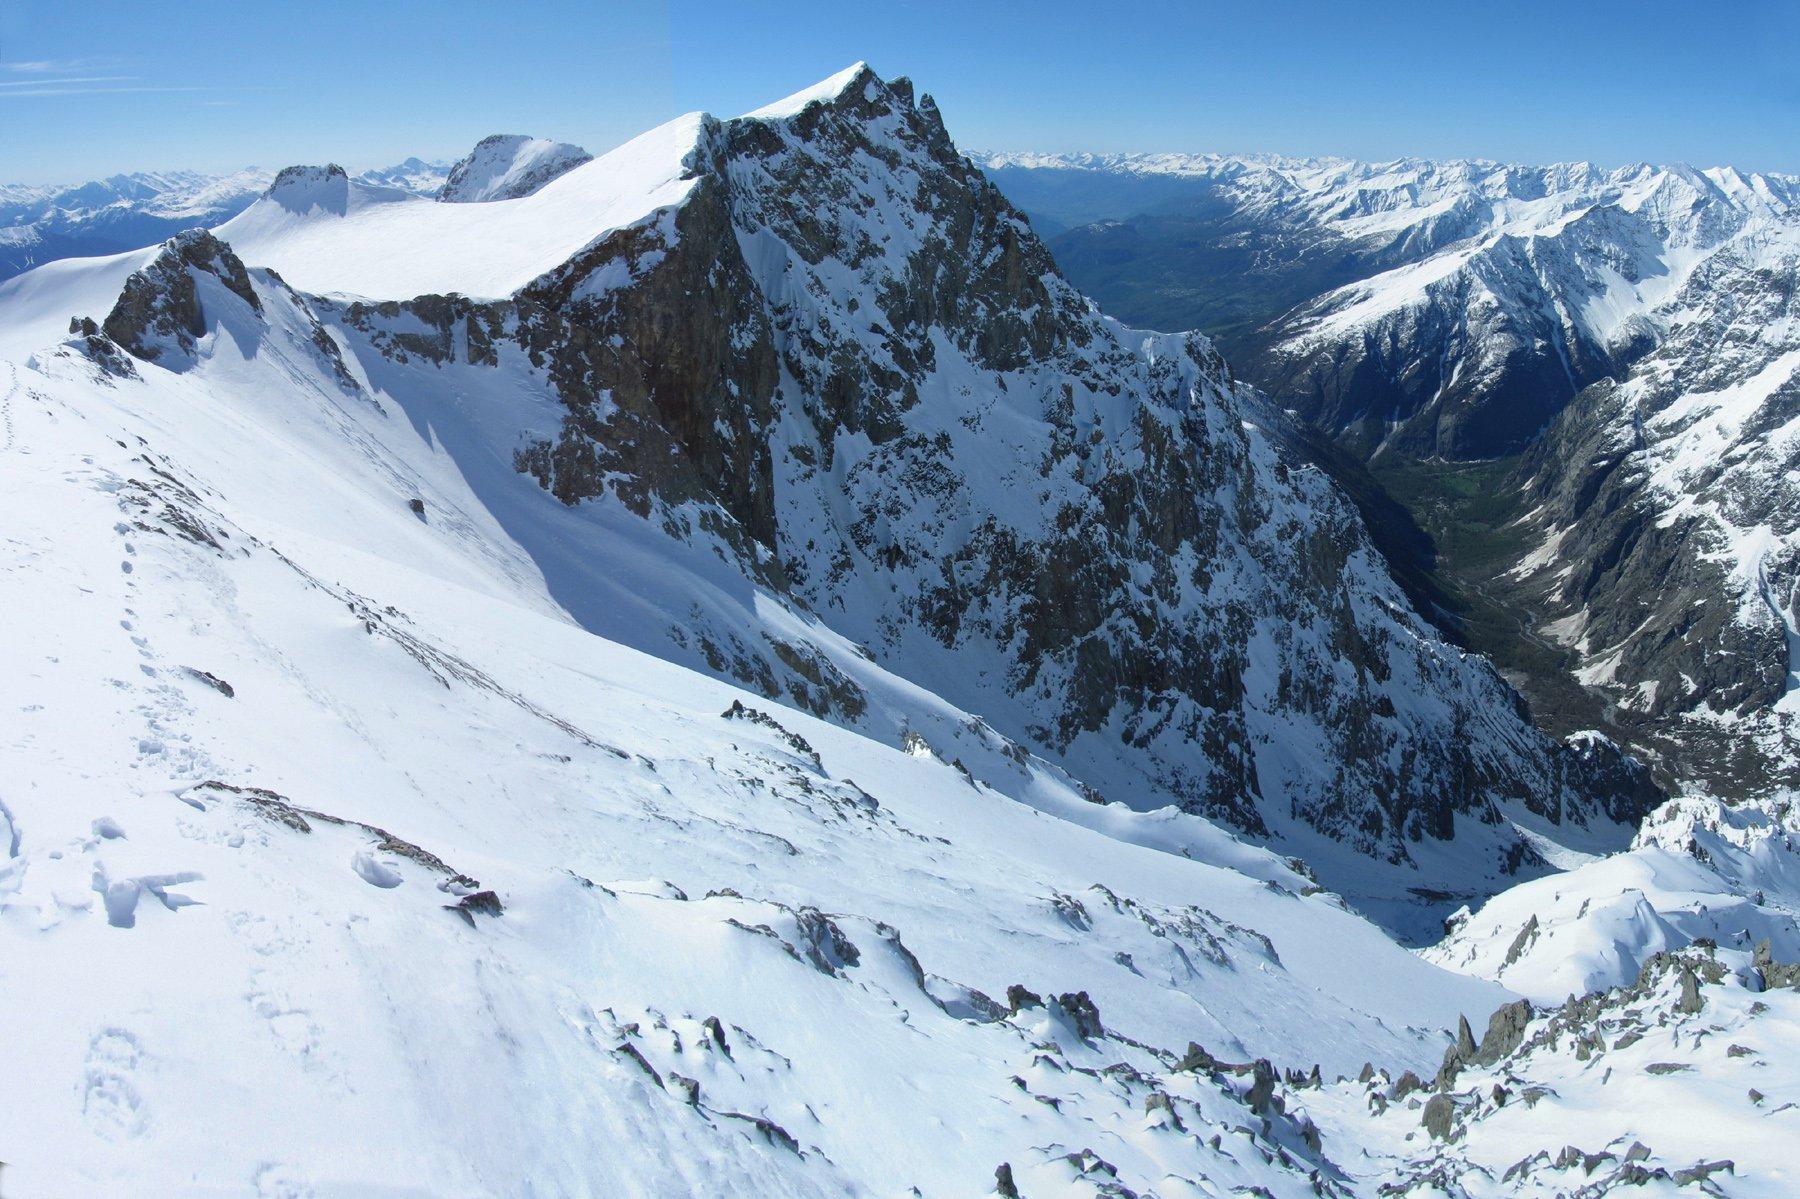 dalla vetta del Pic de Dormillouse, a sx il glacier du Monetier e al centro il Pic du Rif che copre la Pointe des Arcas